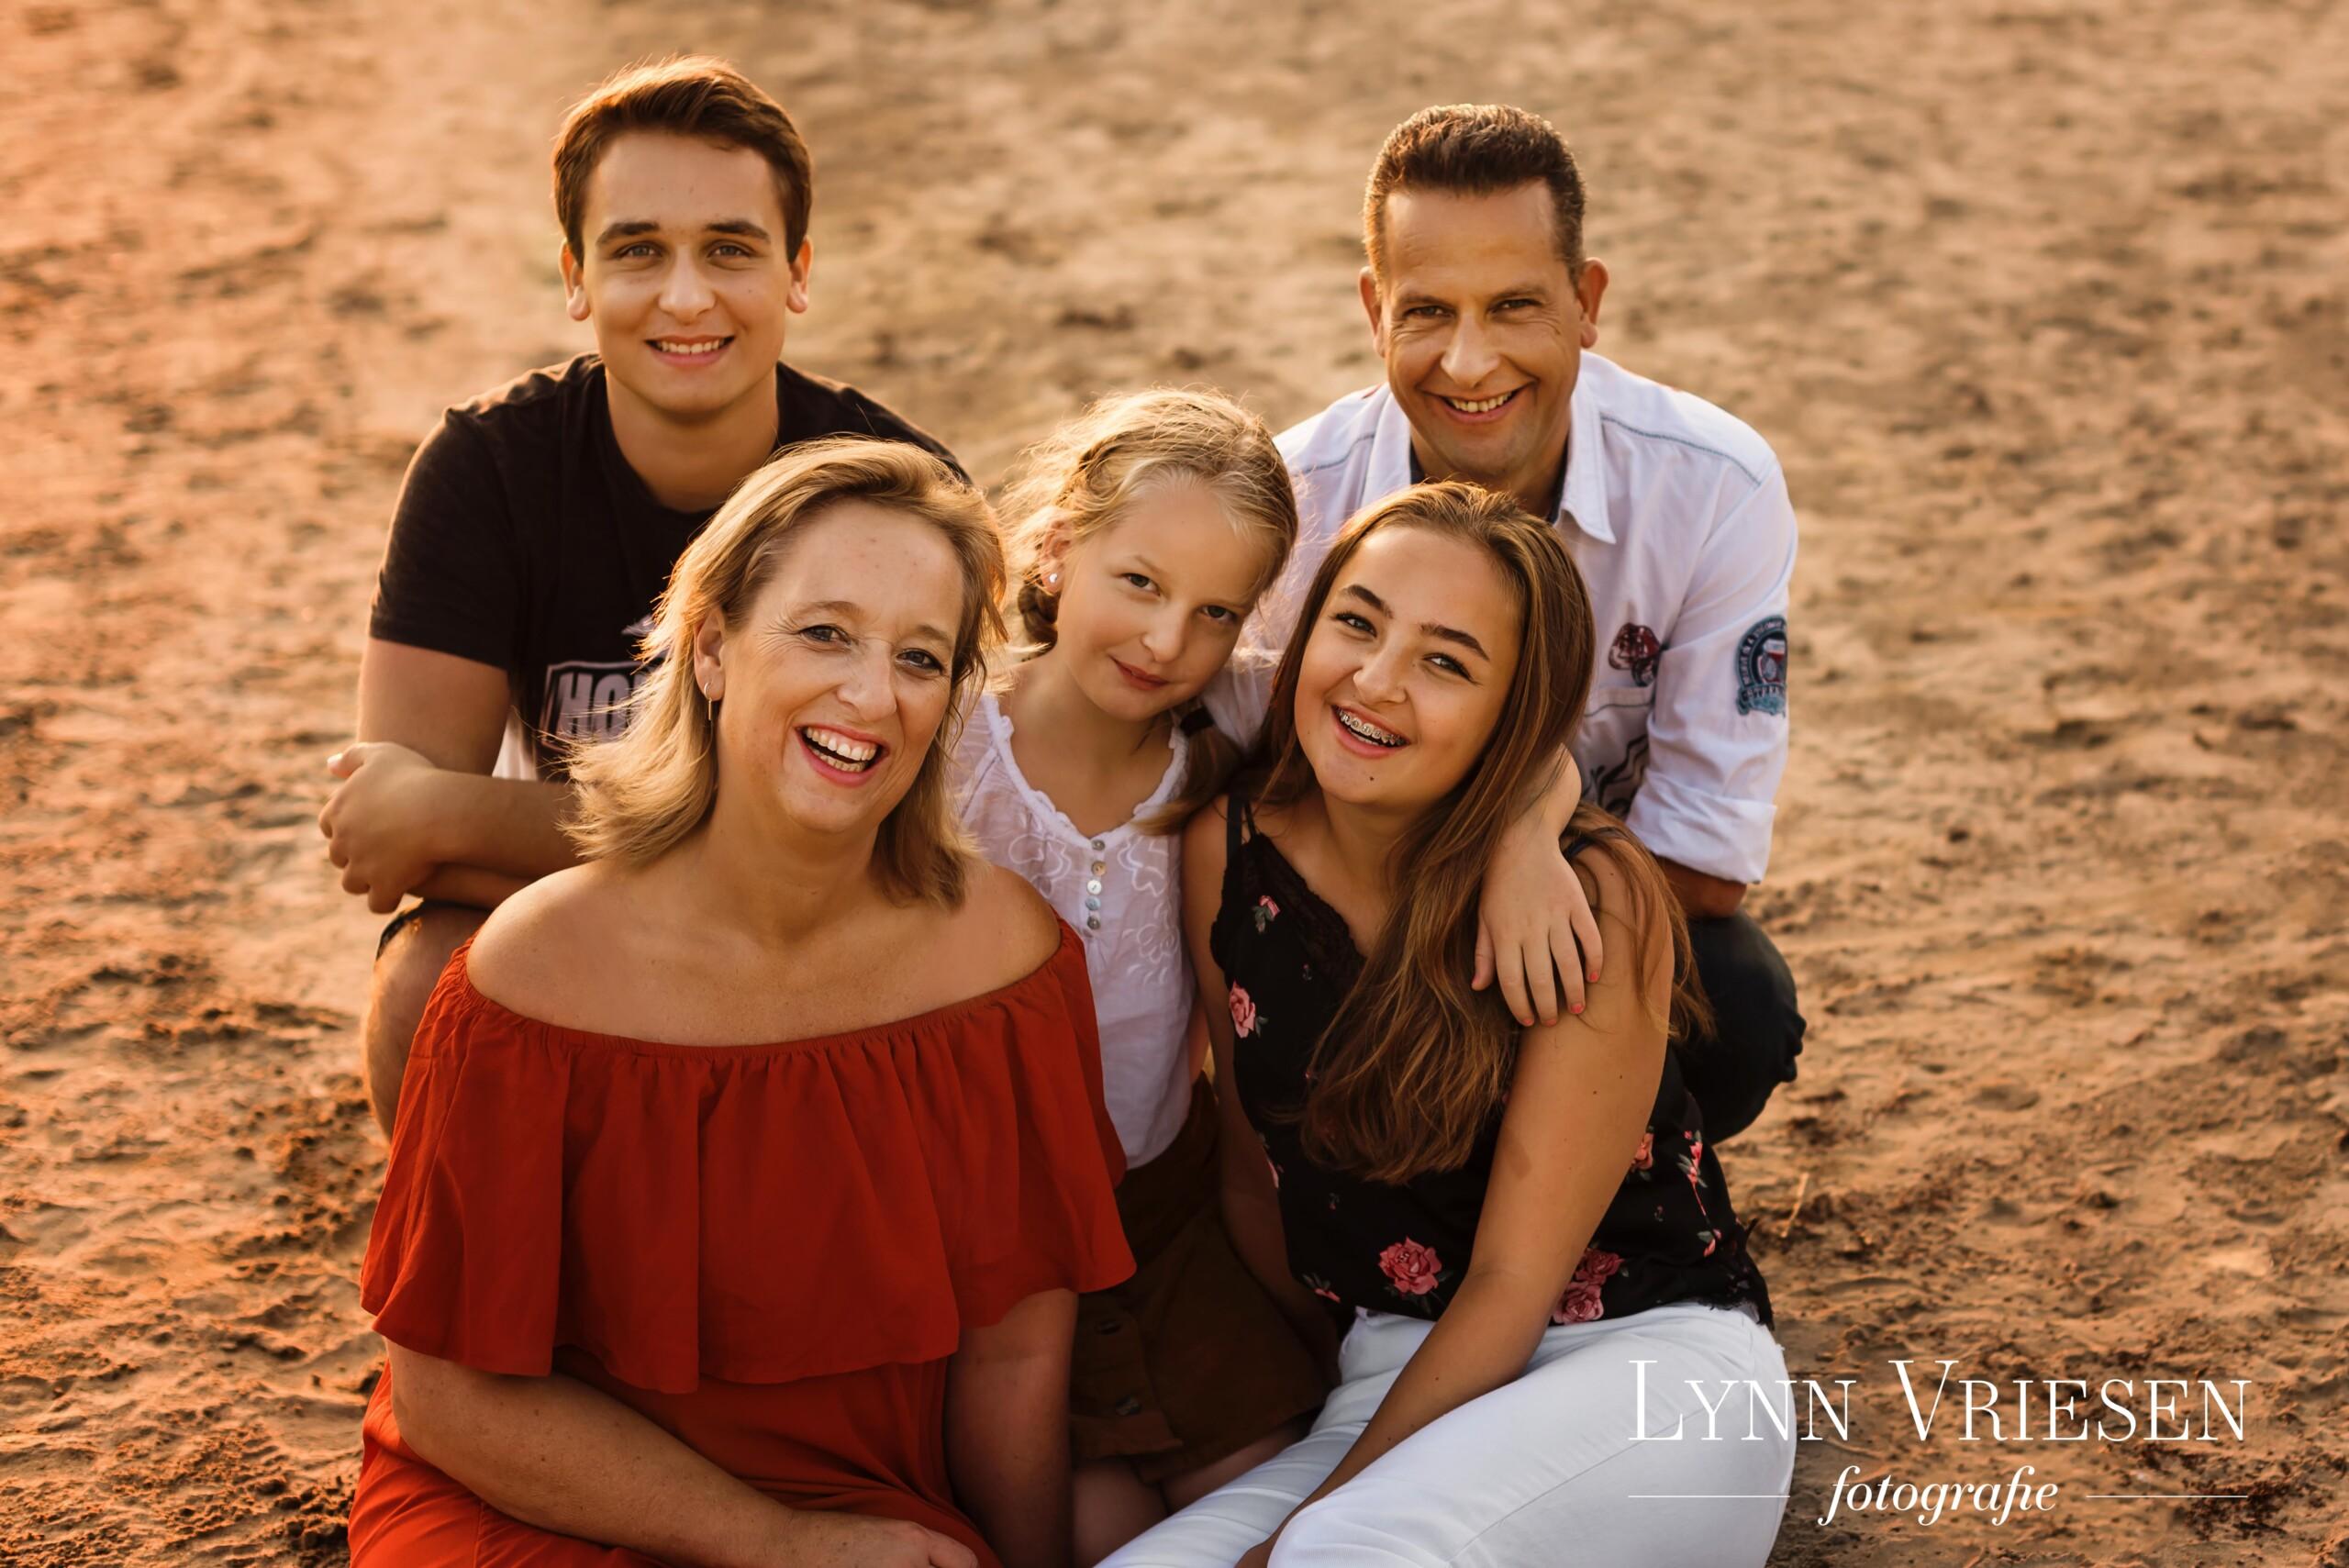 Met gezin op de foto Arnhem